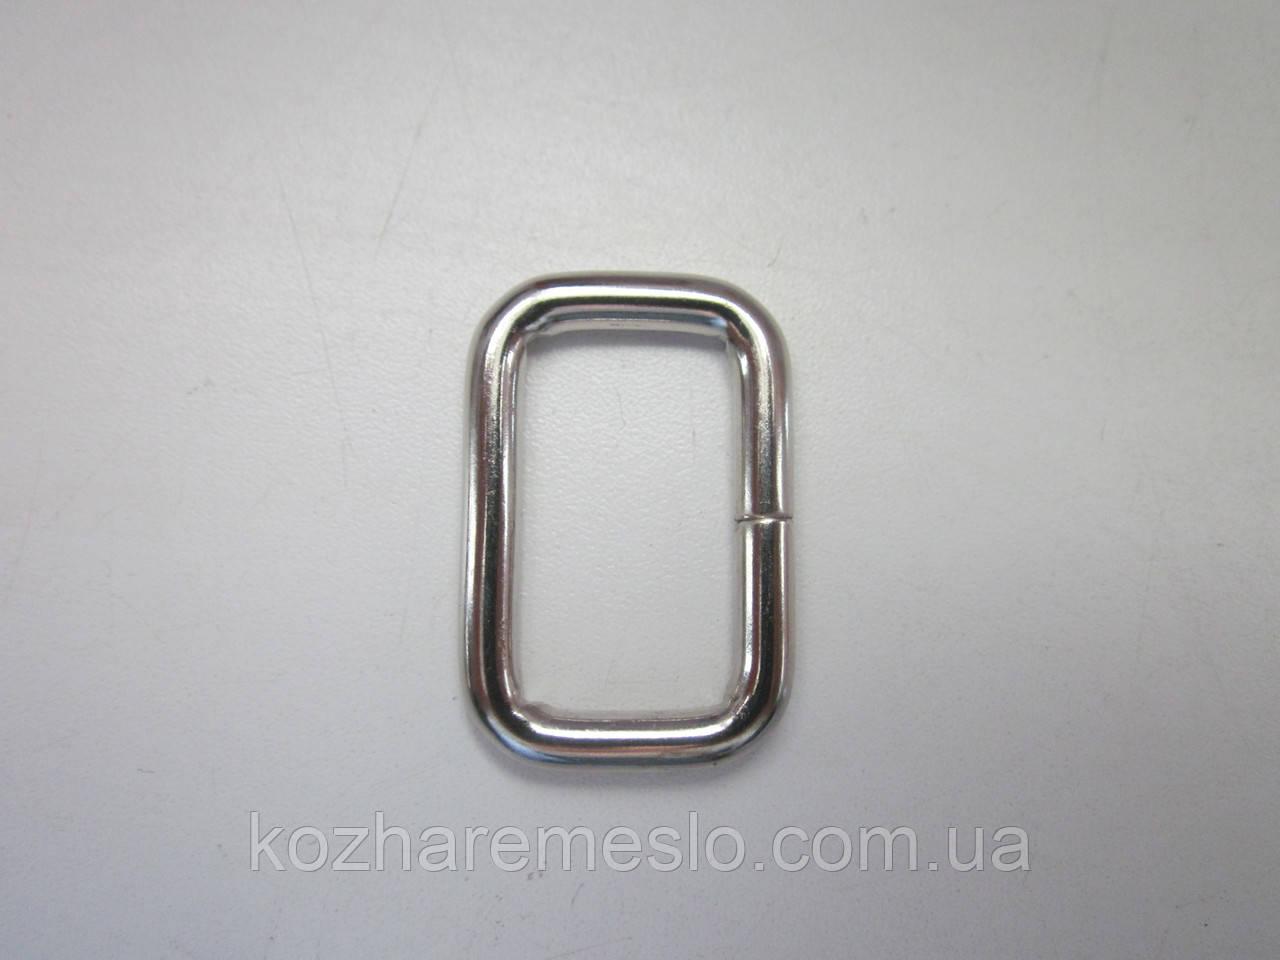 Рамка 5 х 40 х 20 нікель